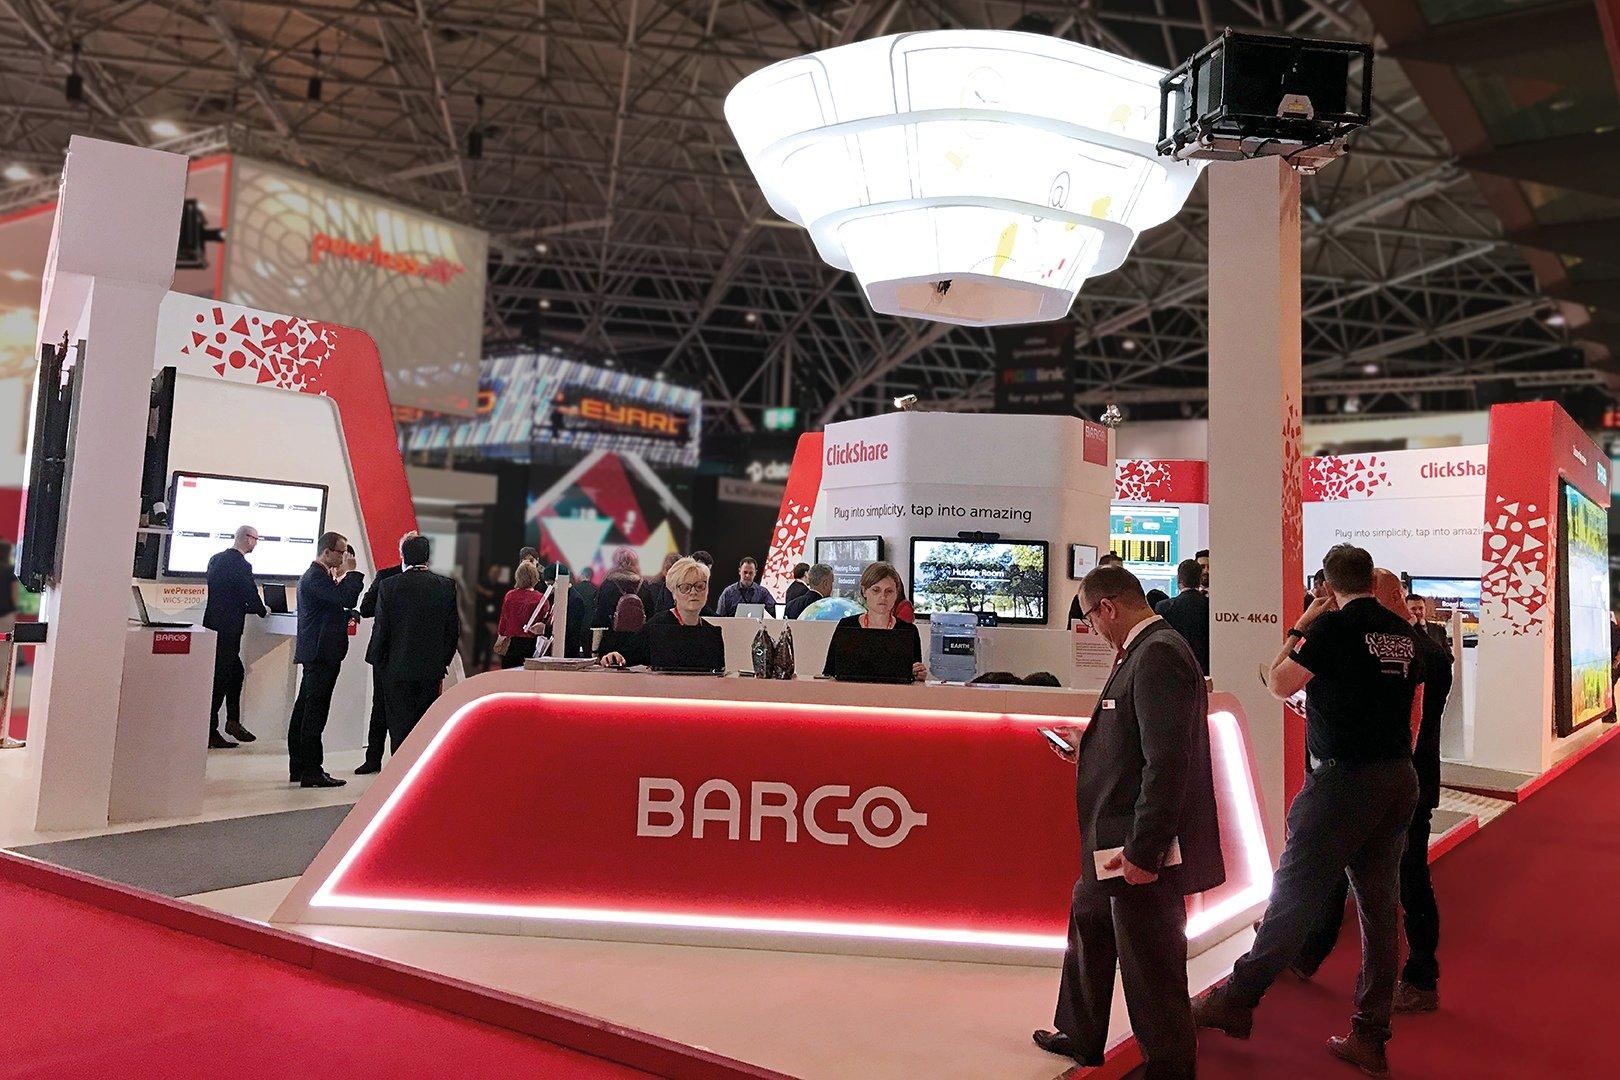 стенд компании Barco на голландской (нидерландской) выставке